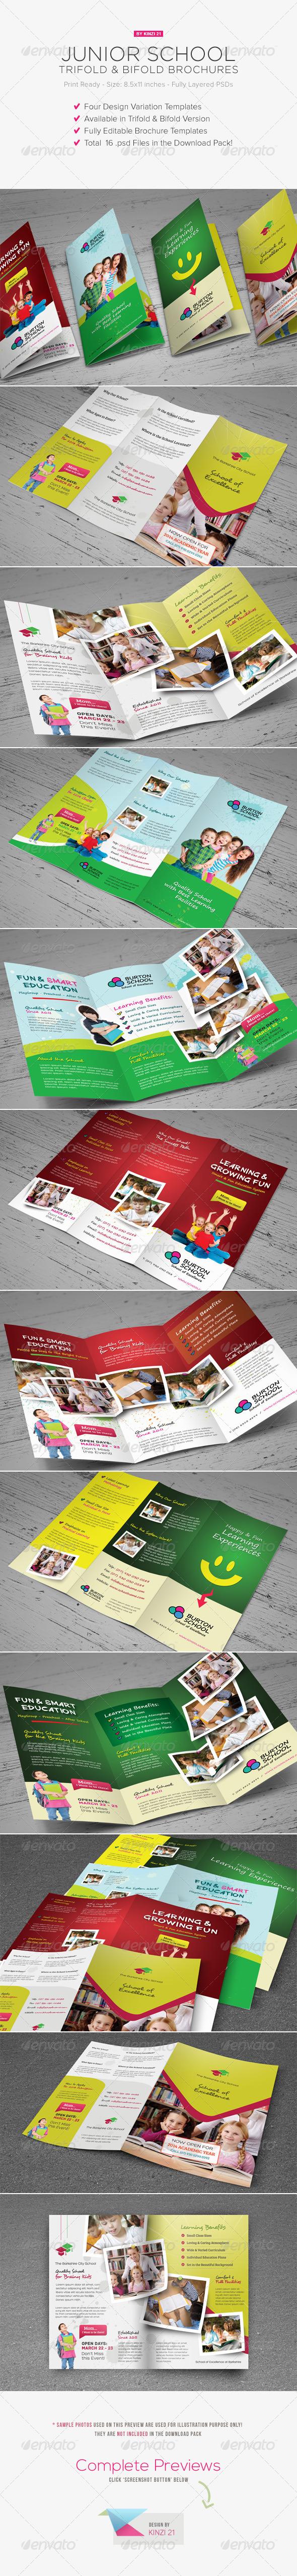 Junior School Trifold & Bifold Brochures - Corporate Brochures